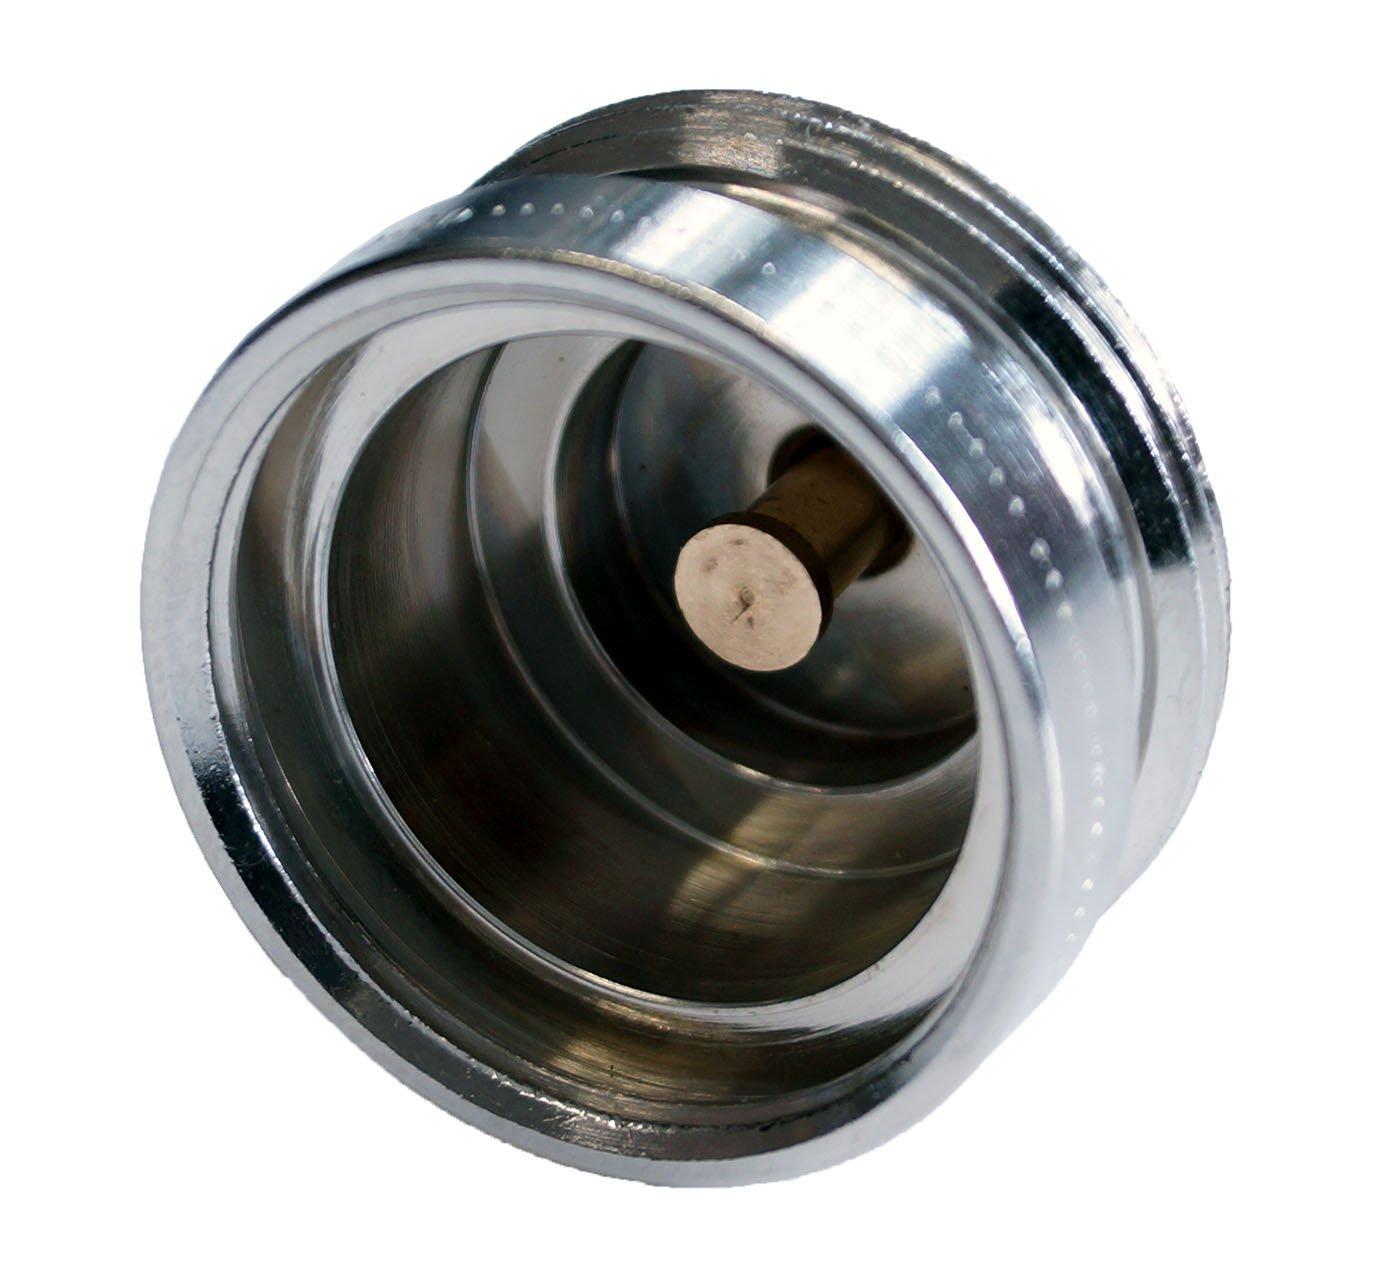 Heimeier HEIM970030700 Adaptateur pour robinet de chauffage de la marque Hertz M 30 x 1, 5 vers M 28 x 1, 5